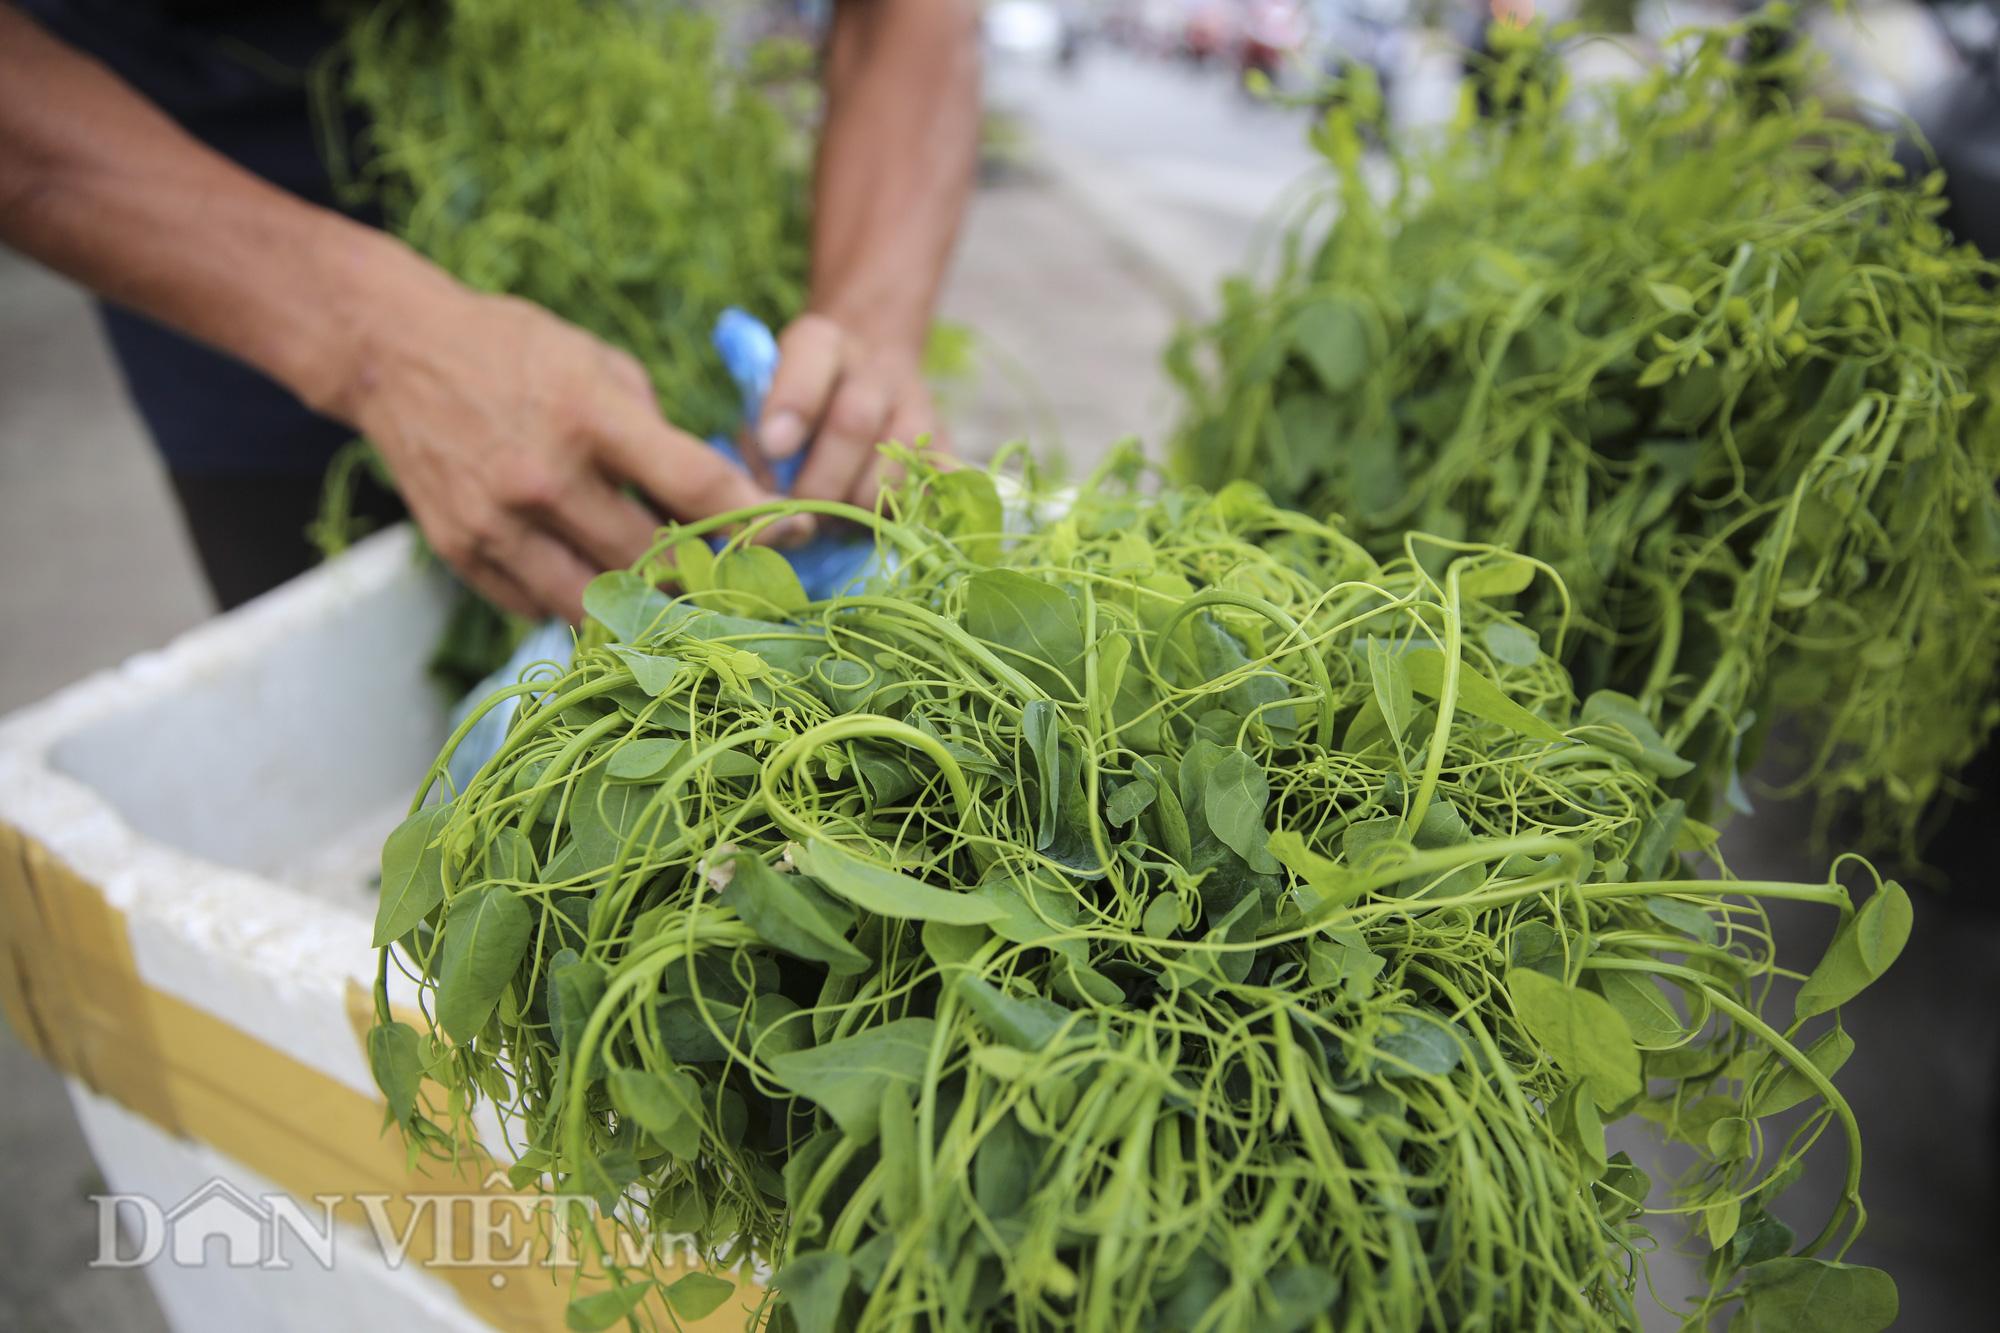 """Đặc sản rau rừng """"bò khai Tây Bắc"""" đổ về Hà Nội, 50.000 đồng/bó vẫn hút khách - Ảnh 9."""